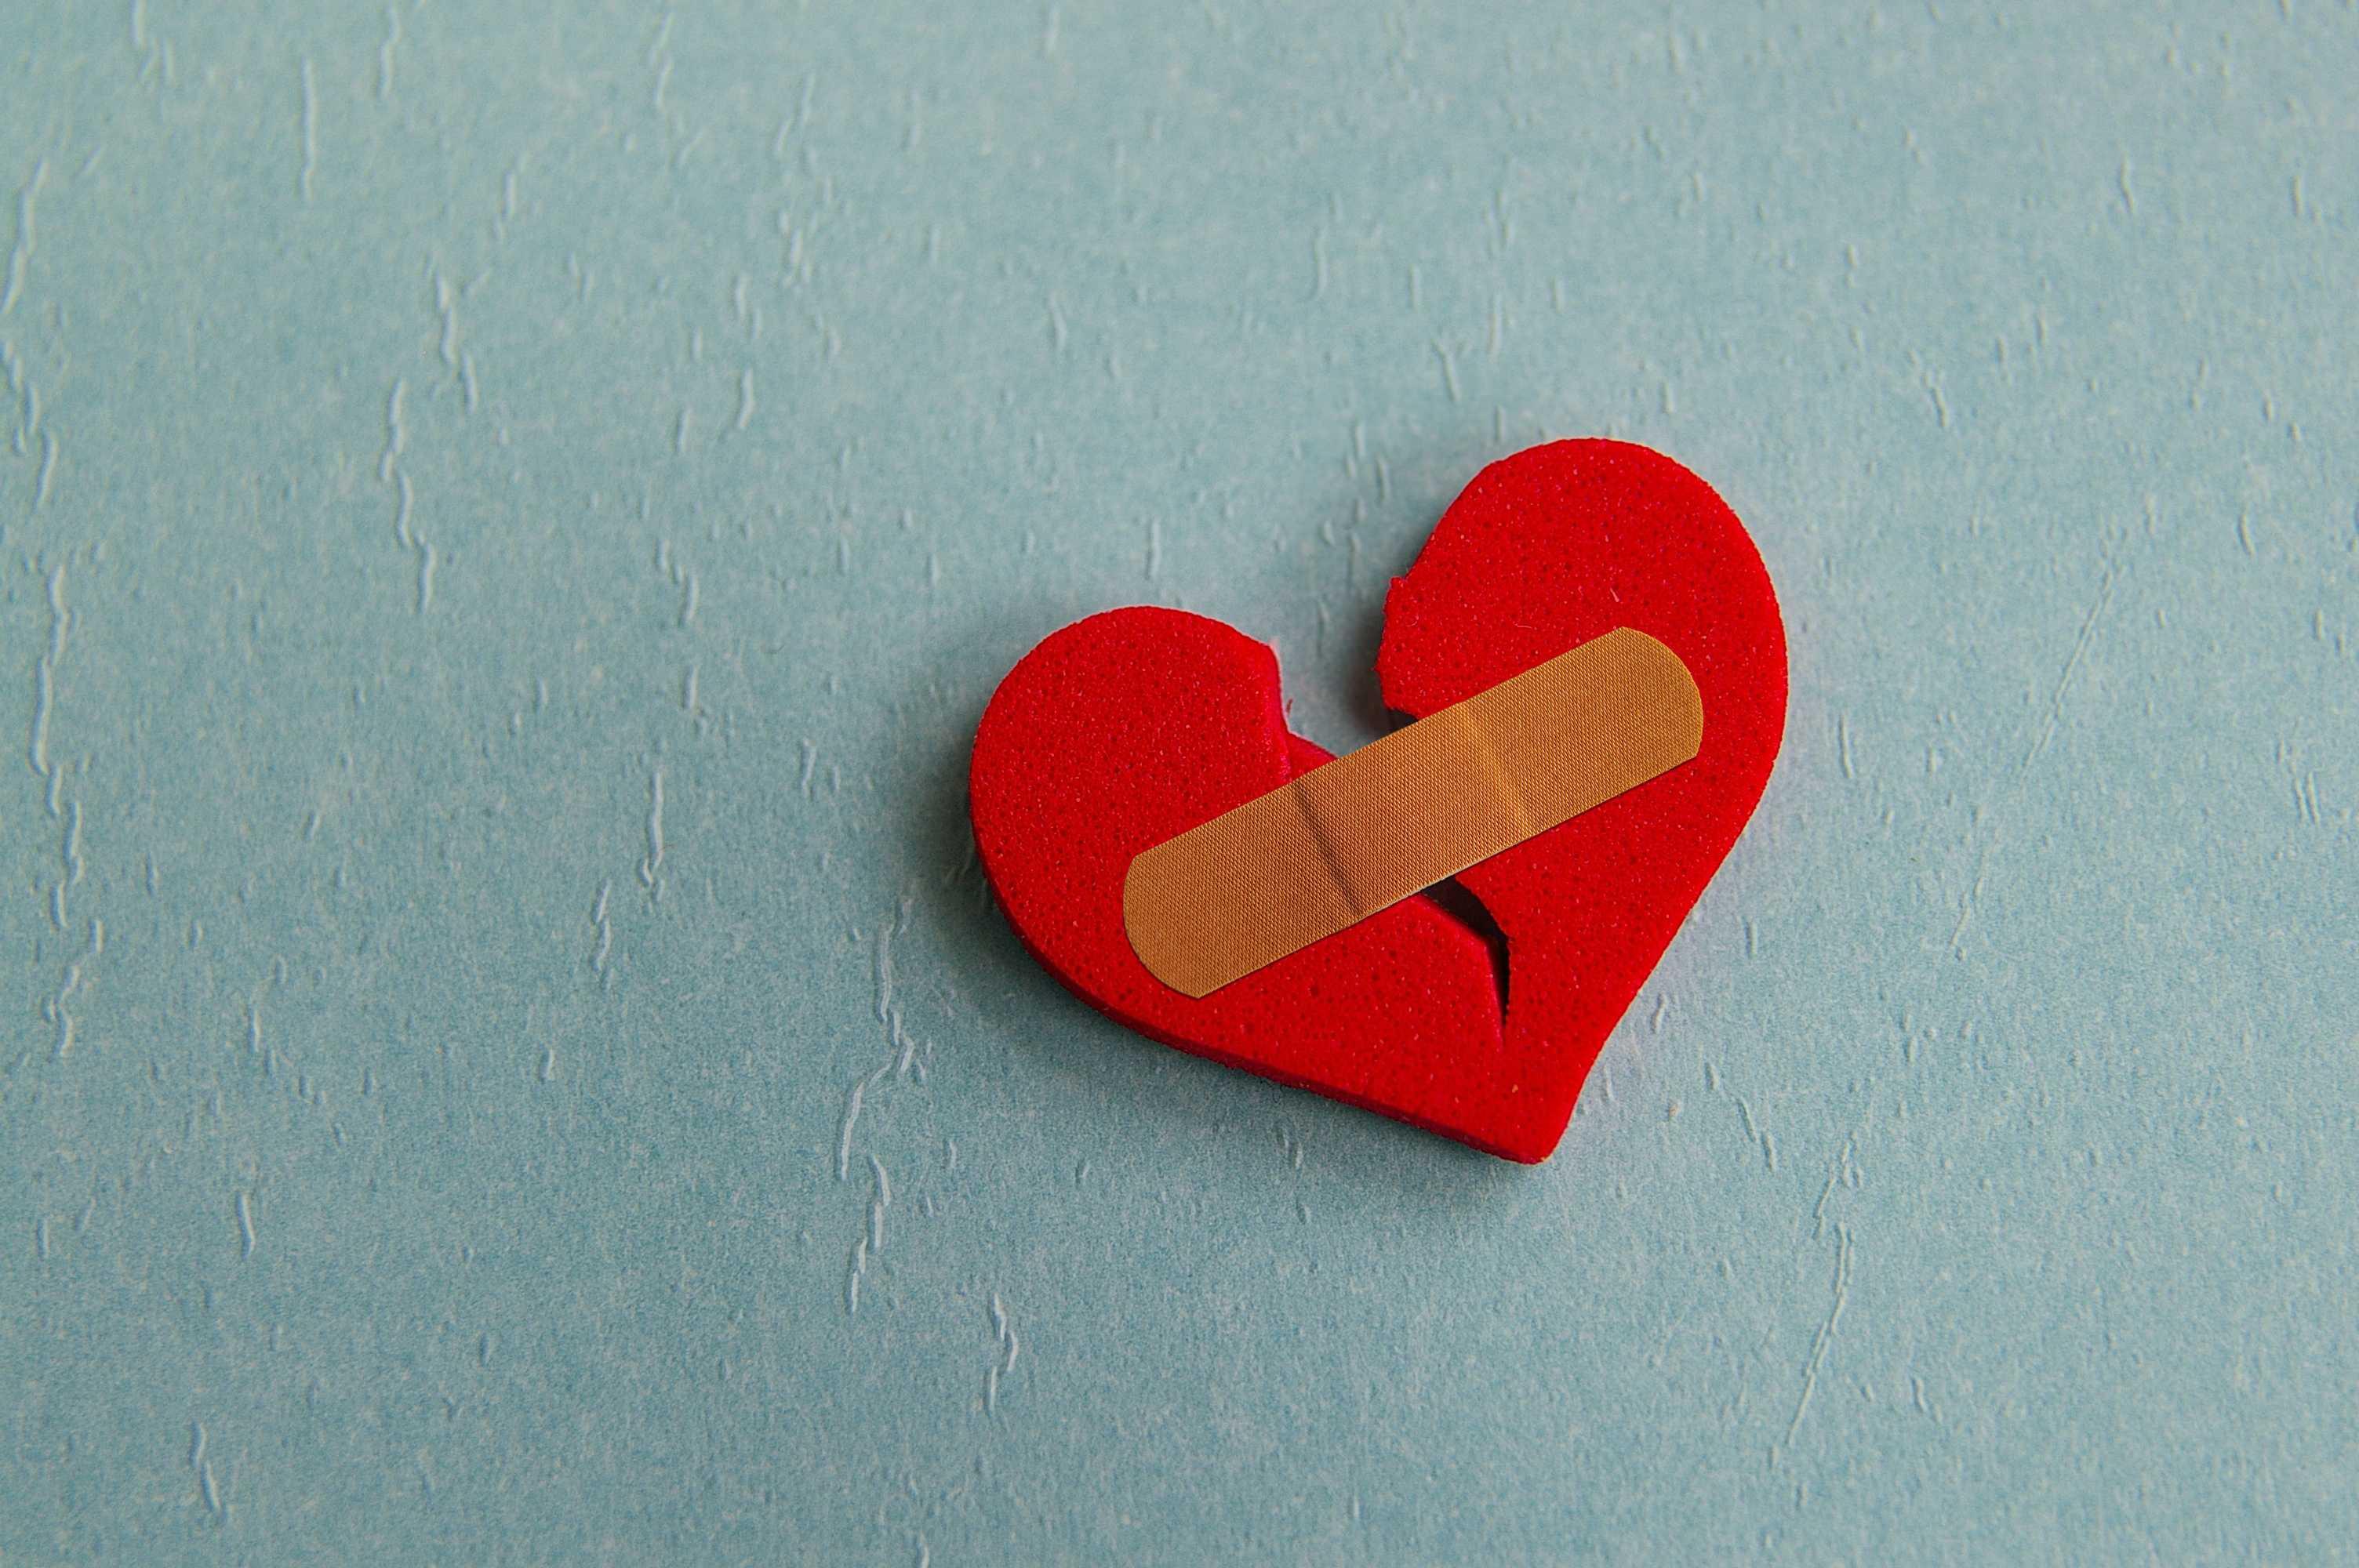 Pil Penghilang Patah Hati, Mungkinkah?